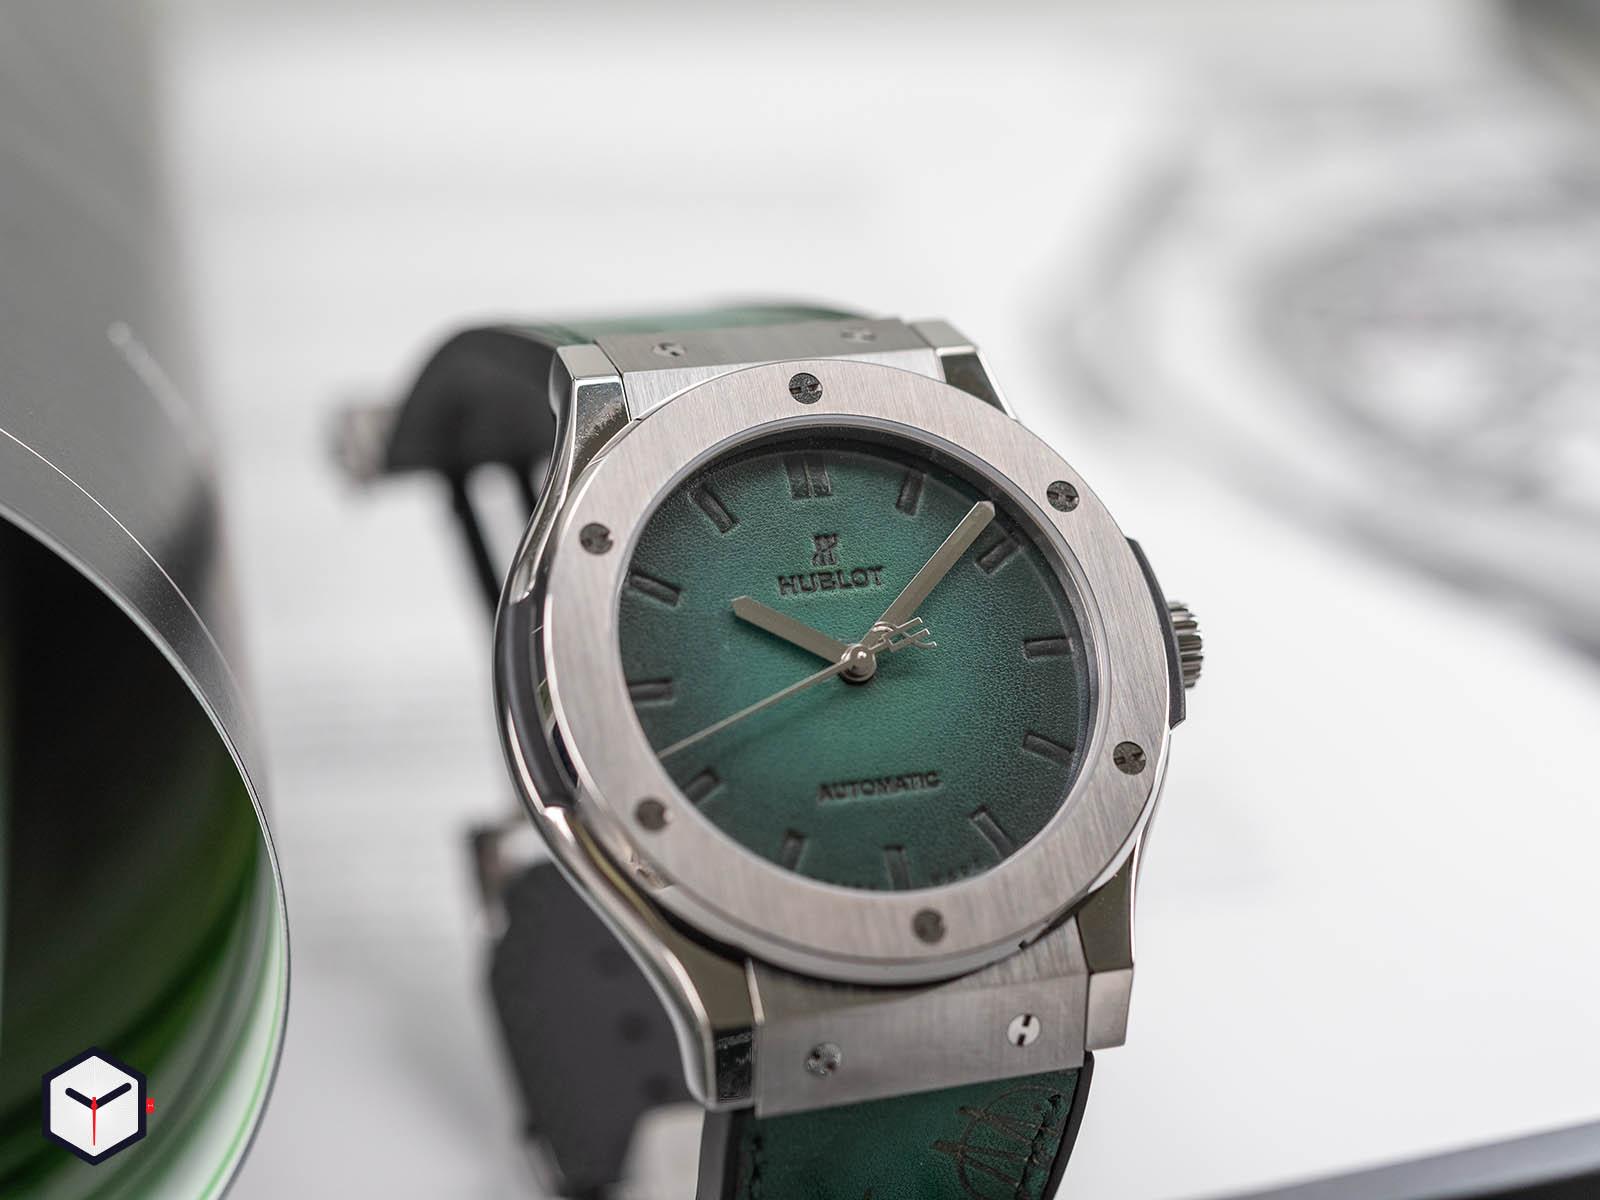 hublot-classic-fusion-berluti-scritto-emerald-green-2.jpg